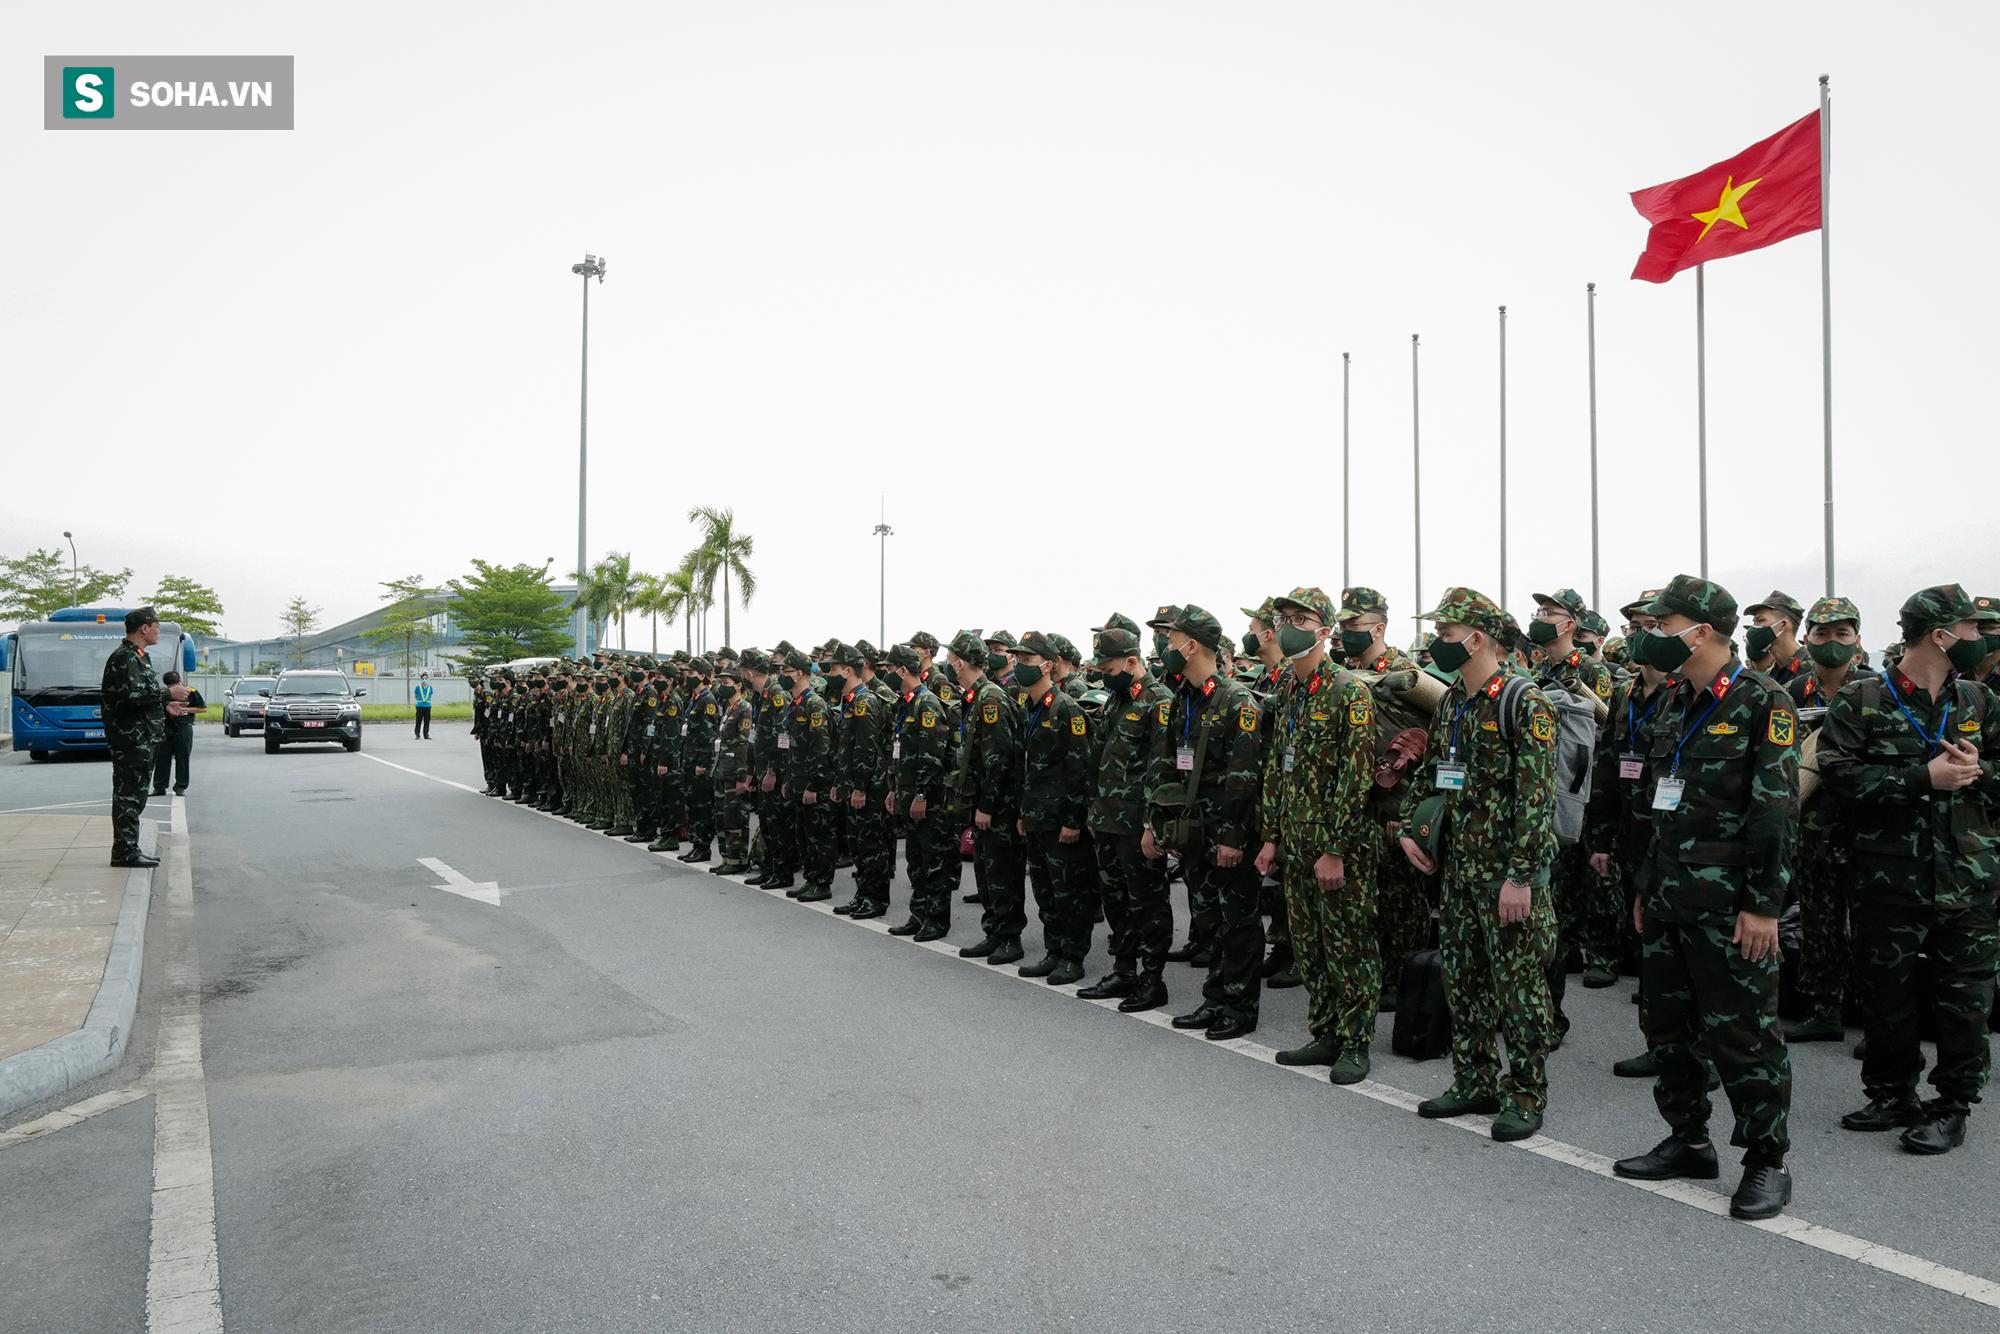 Phó Thủ tướng, Bộ trưởng Quốc phòng cùng hơn 1000 y, bác sĩ lên đường vào TP HCM chống dịch - Ảnh 1.